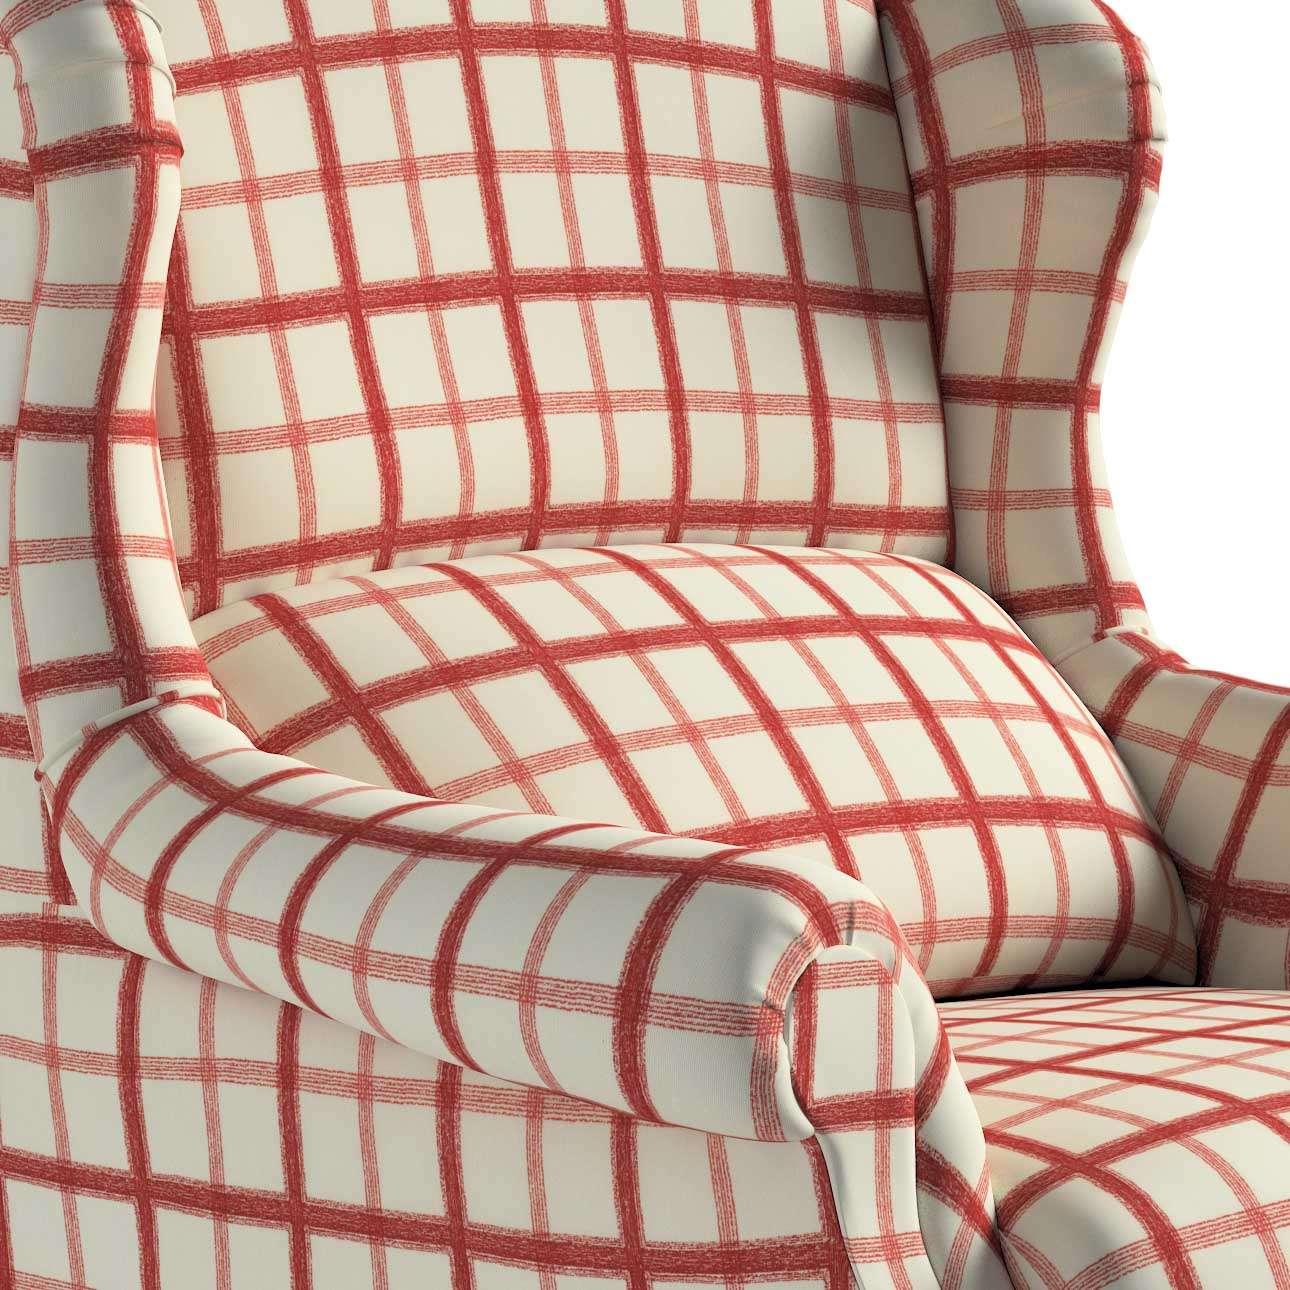 Sessel 63 x 115 cm von der Kollektion Avinon, Stoff: 131-15